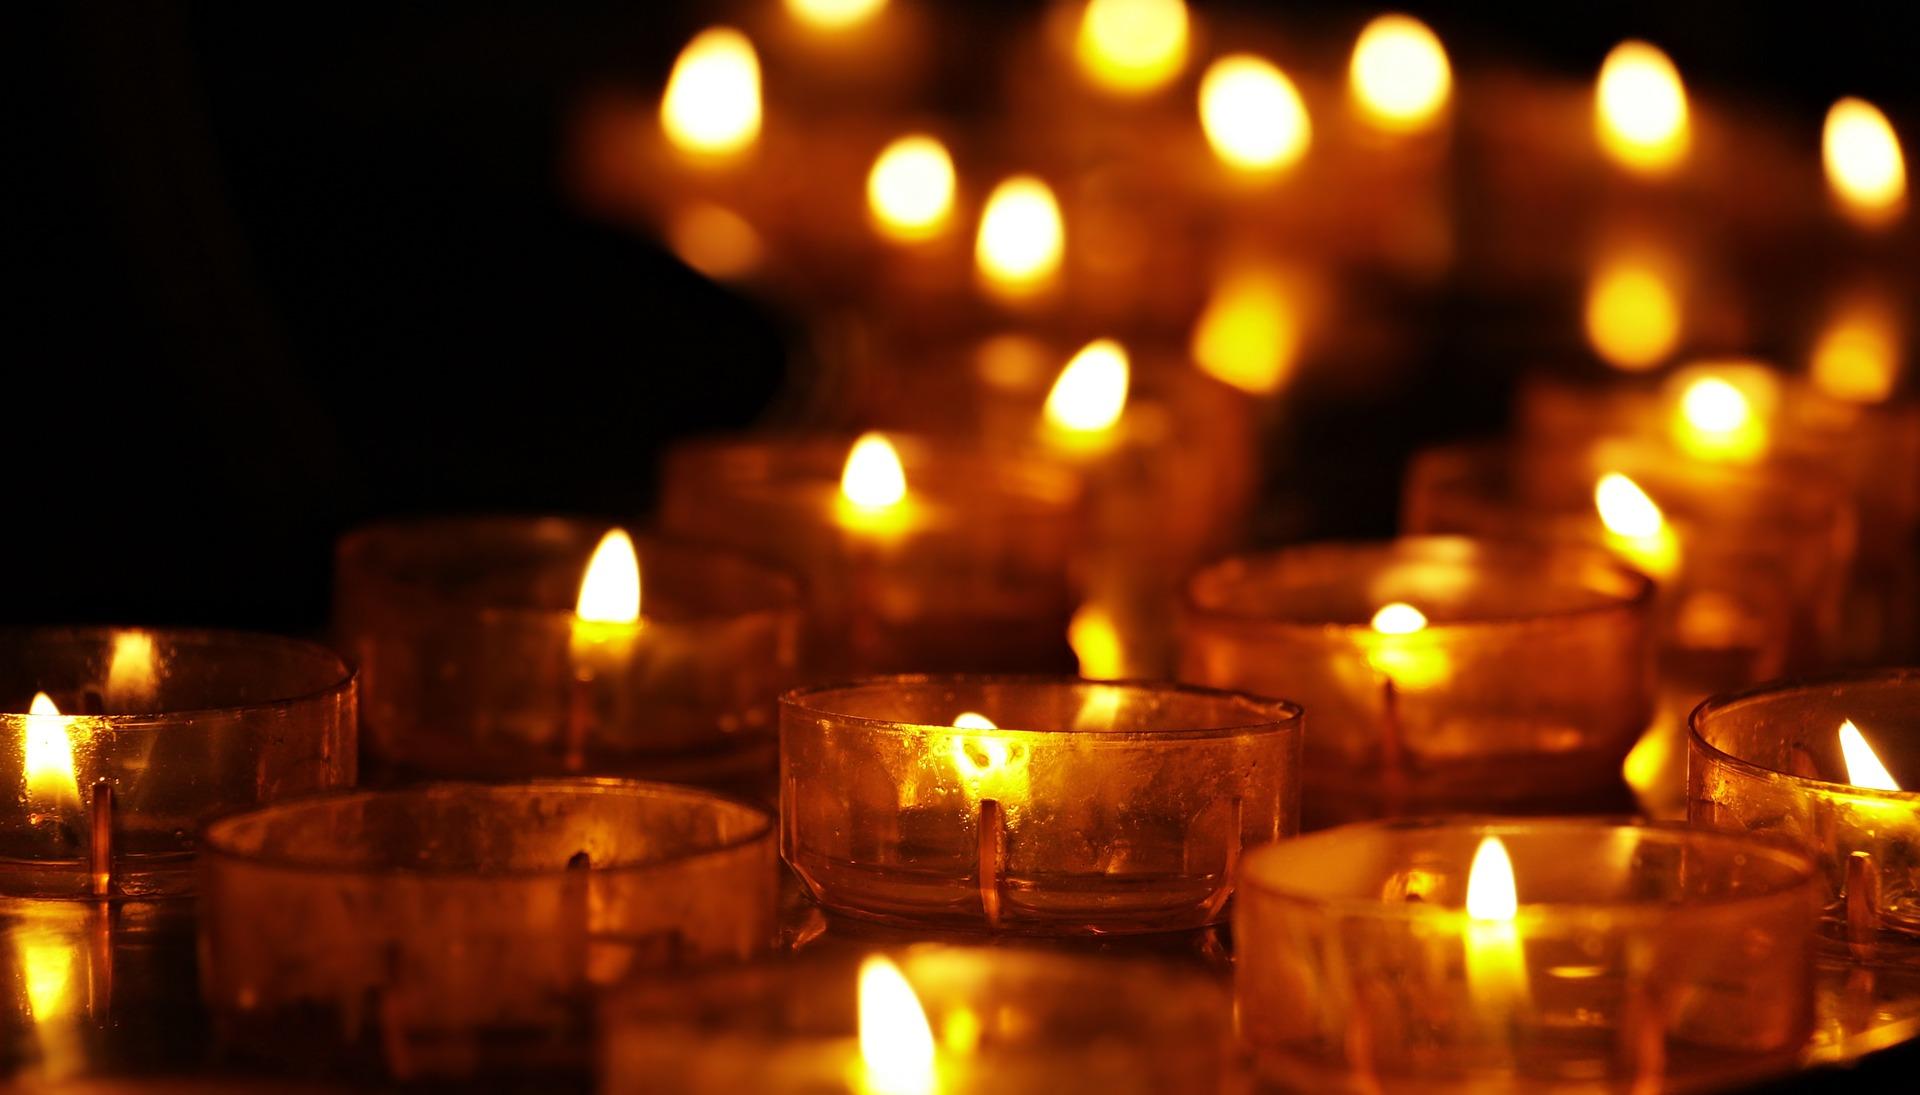 tea-lights-3612508_1920.jpg